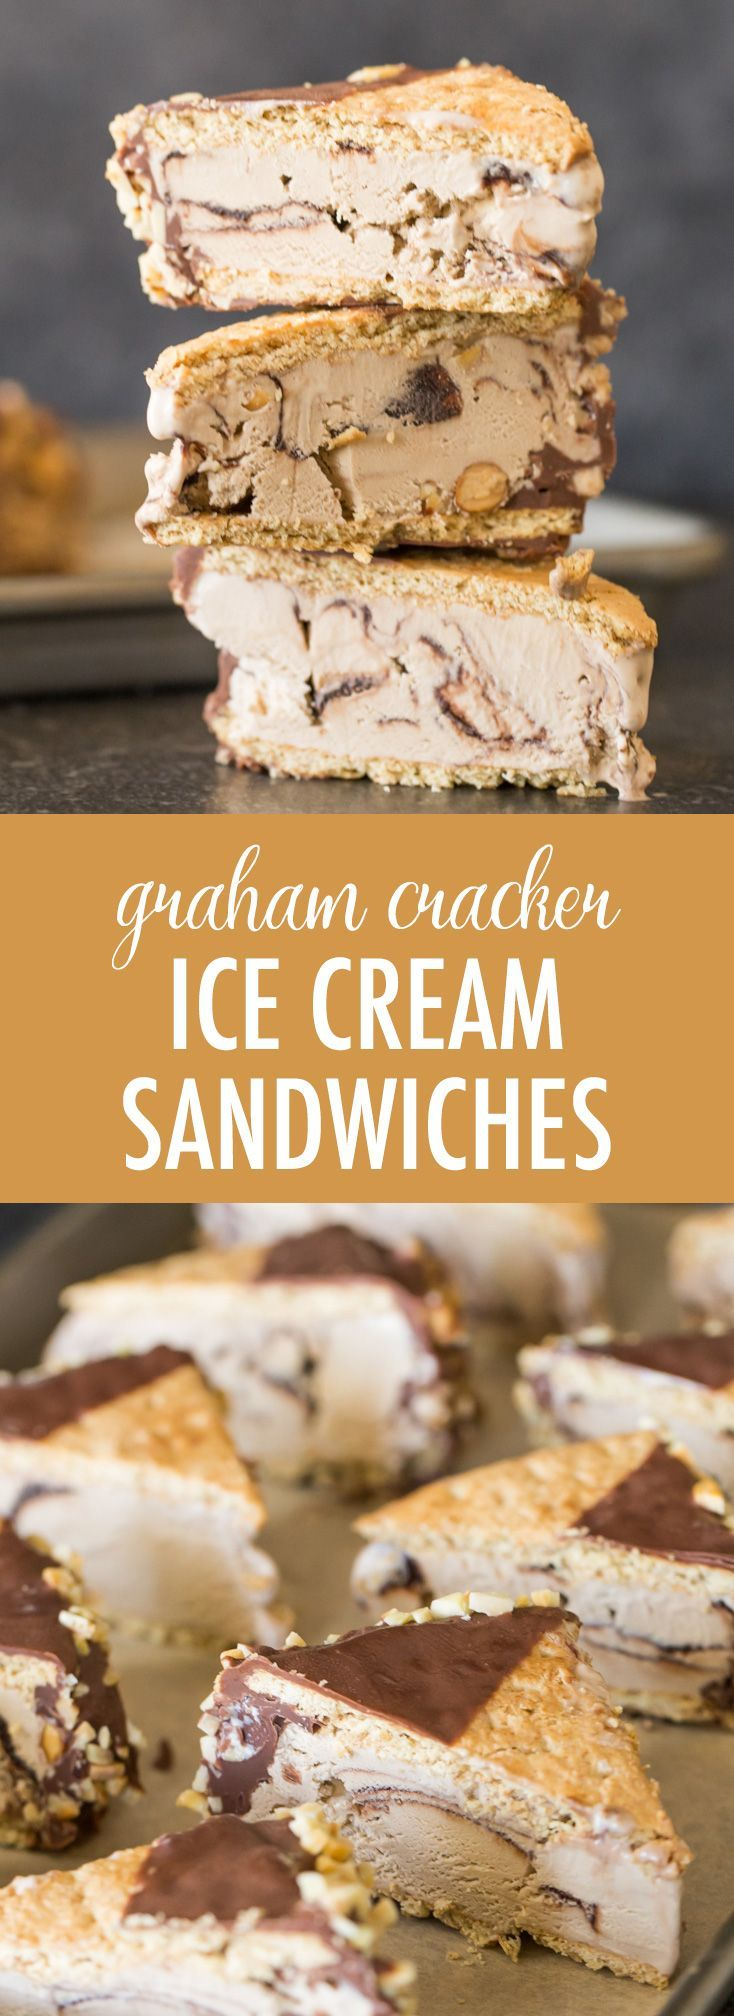 Graham Cracker Ice Cream Sandwiches - Lovely Little Kitchen #icecreamsandwich